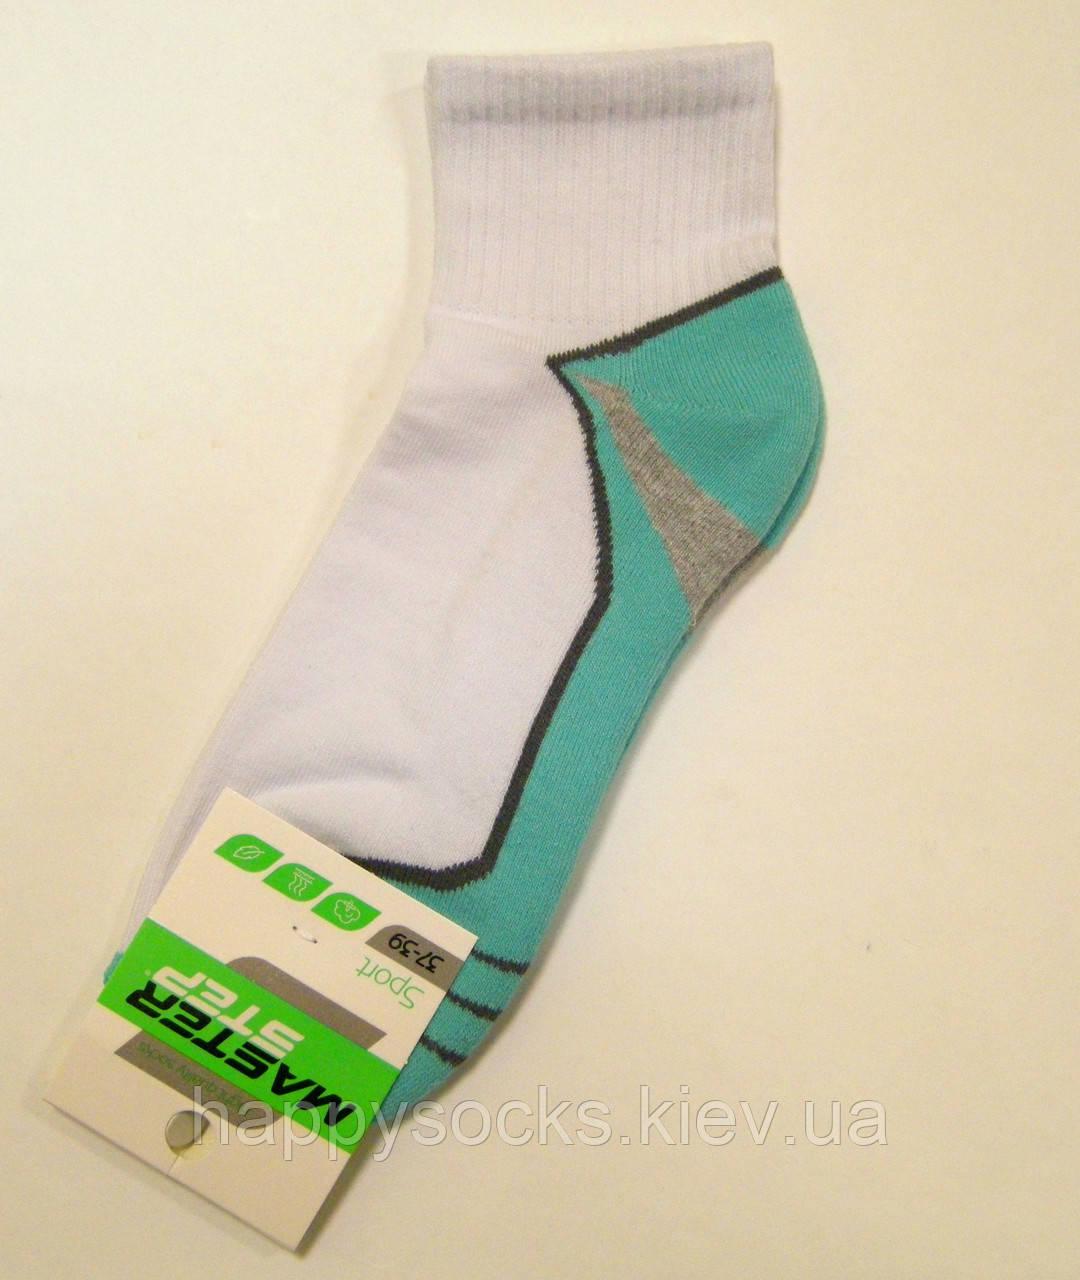 Хлопковые носки с махровым следом мужские